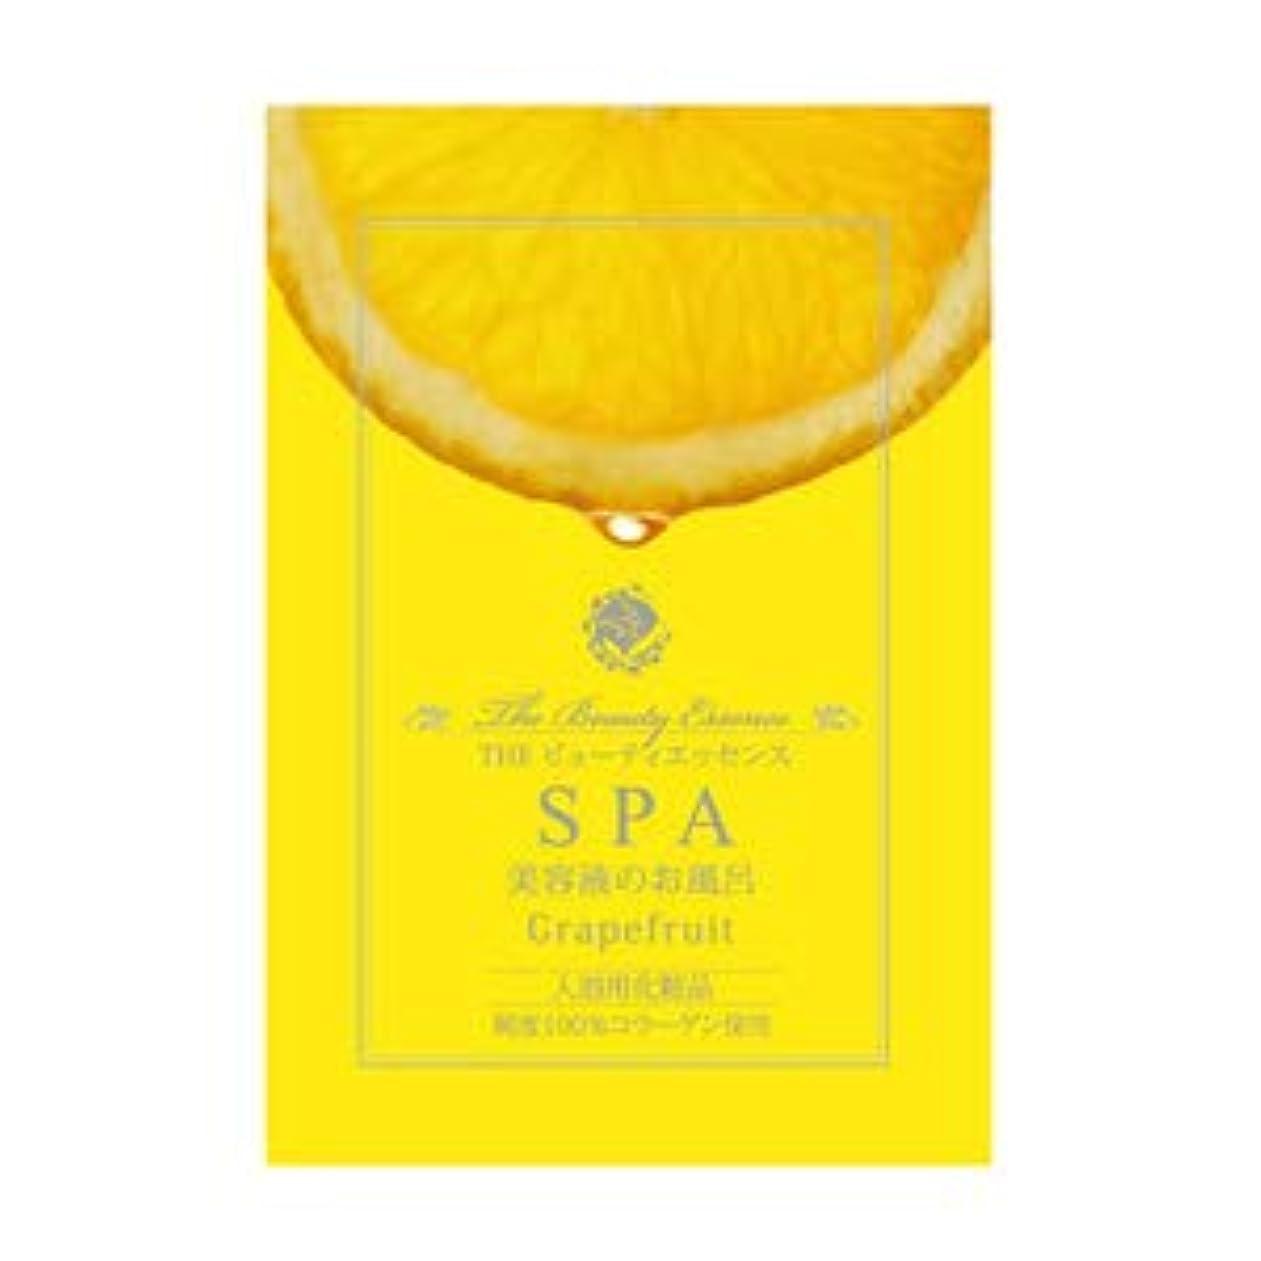 突破口クレジット素晴らしい良い多くのビューティエッセンスSPA グレープフルーツ 50g(入浴剤)